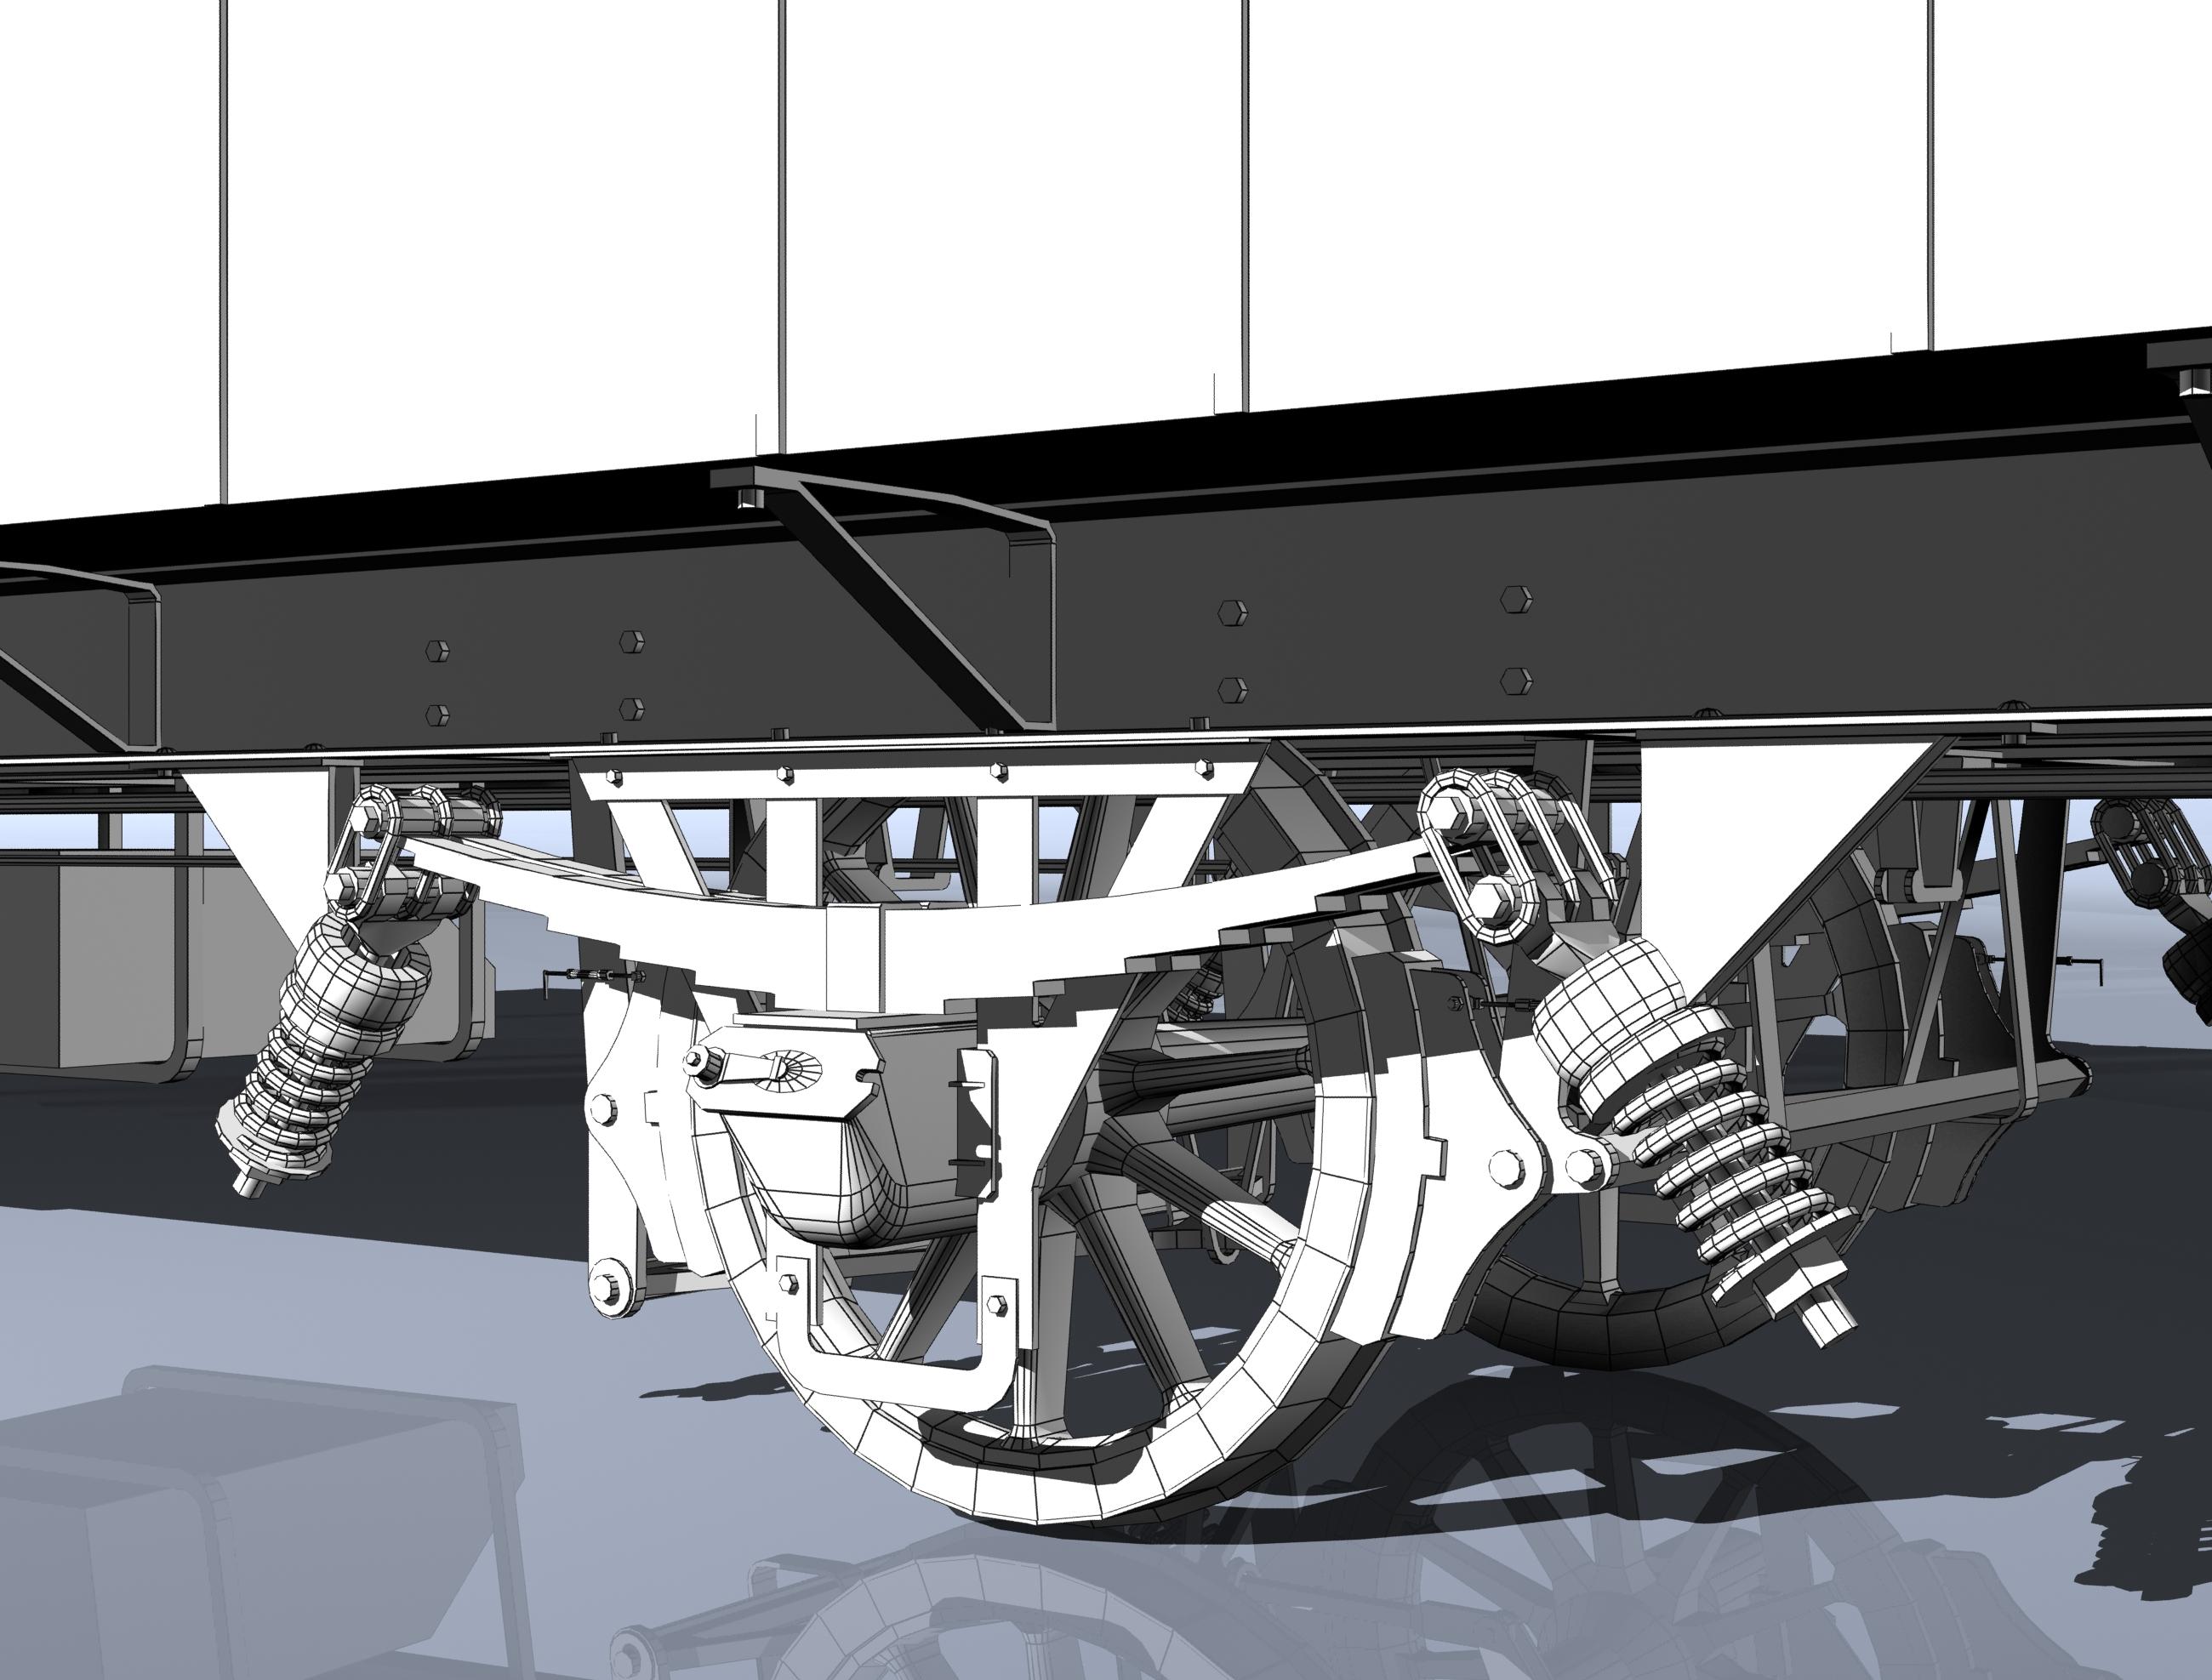 reisivaguniproov 1930 3d mudel 3ds max fbx obj 213921